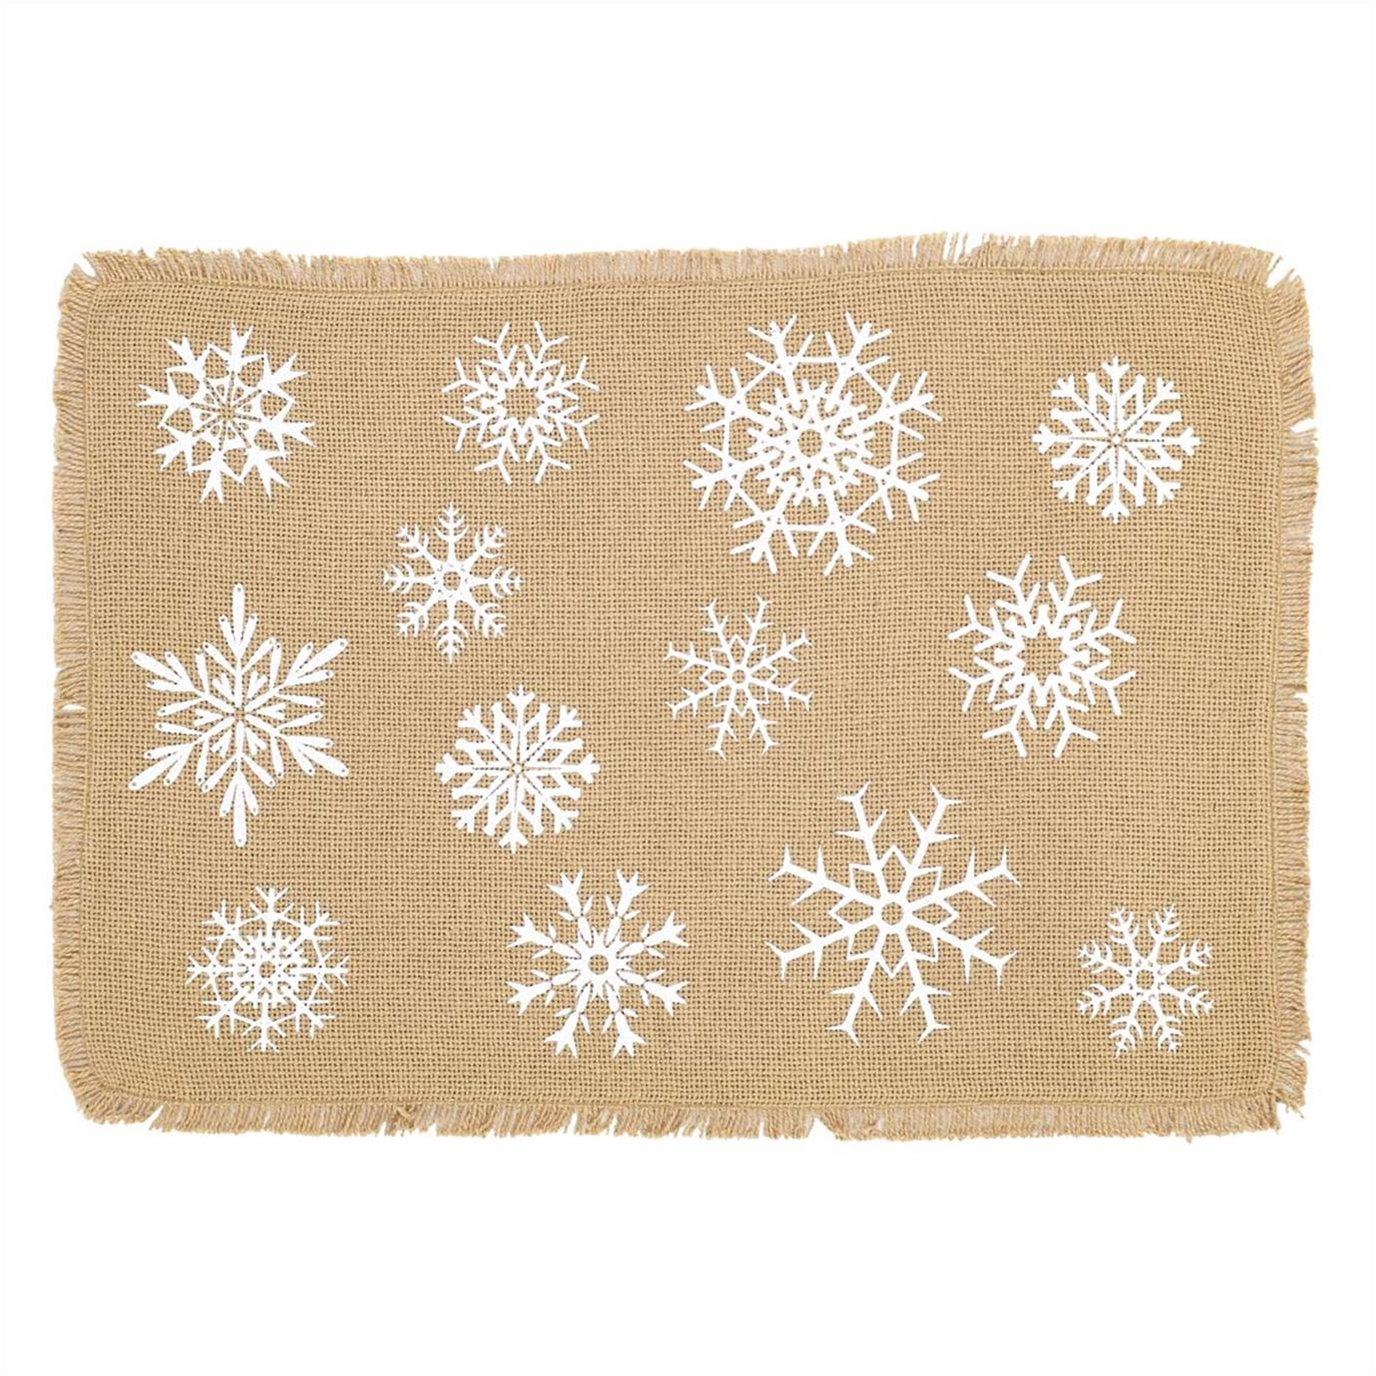 Snowflake Burlap Natural Placemat Set of 6 12x18